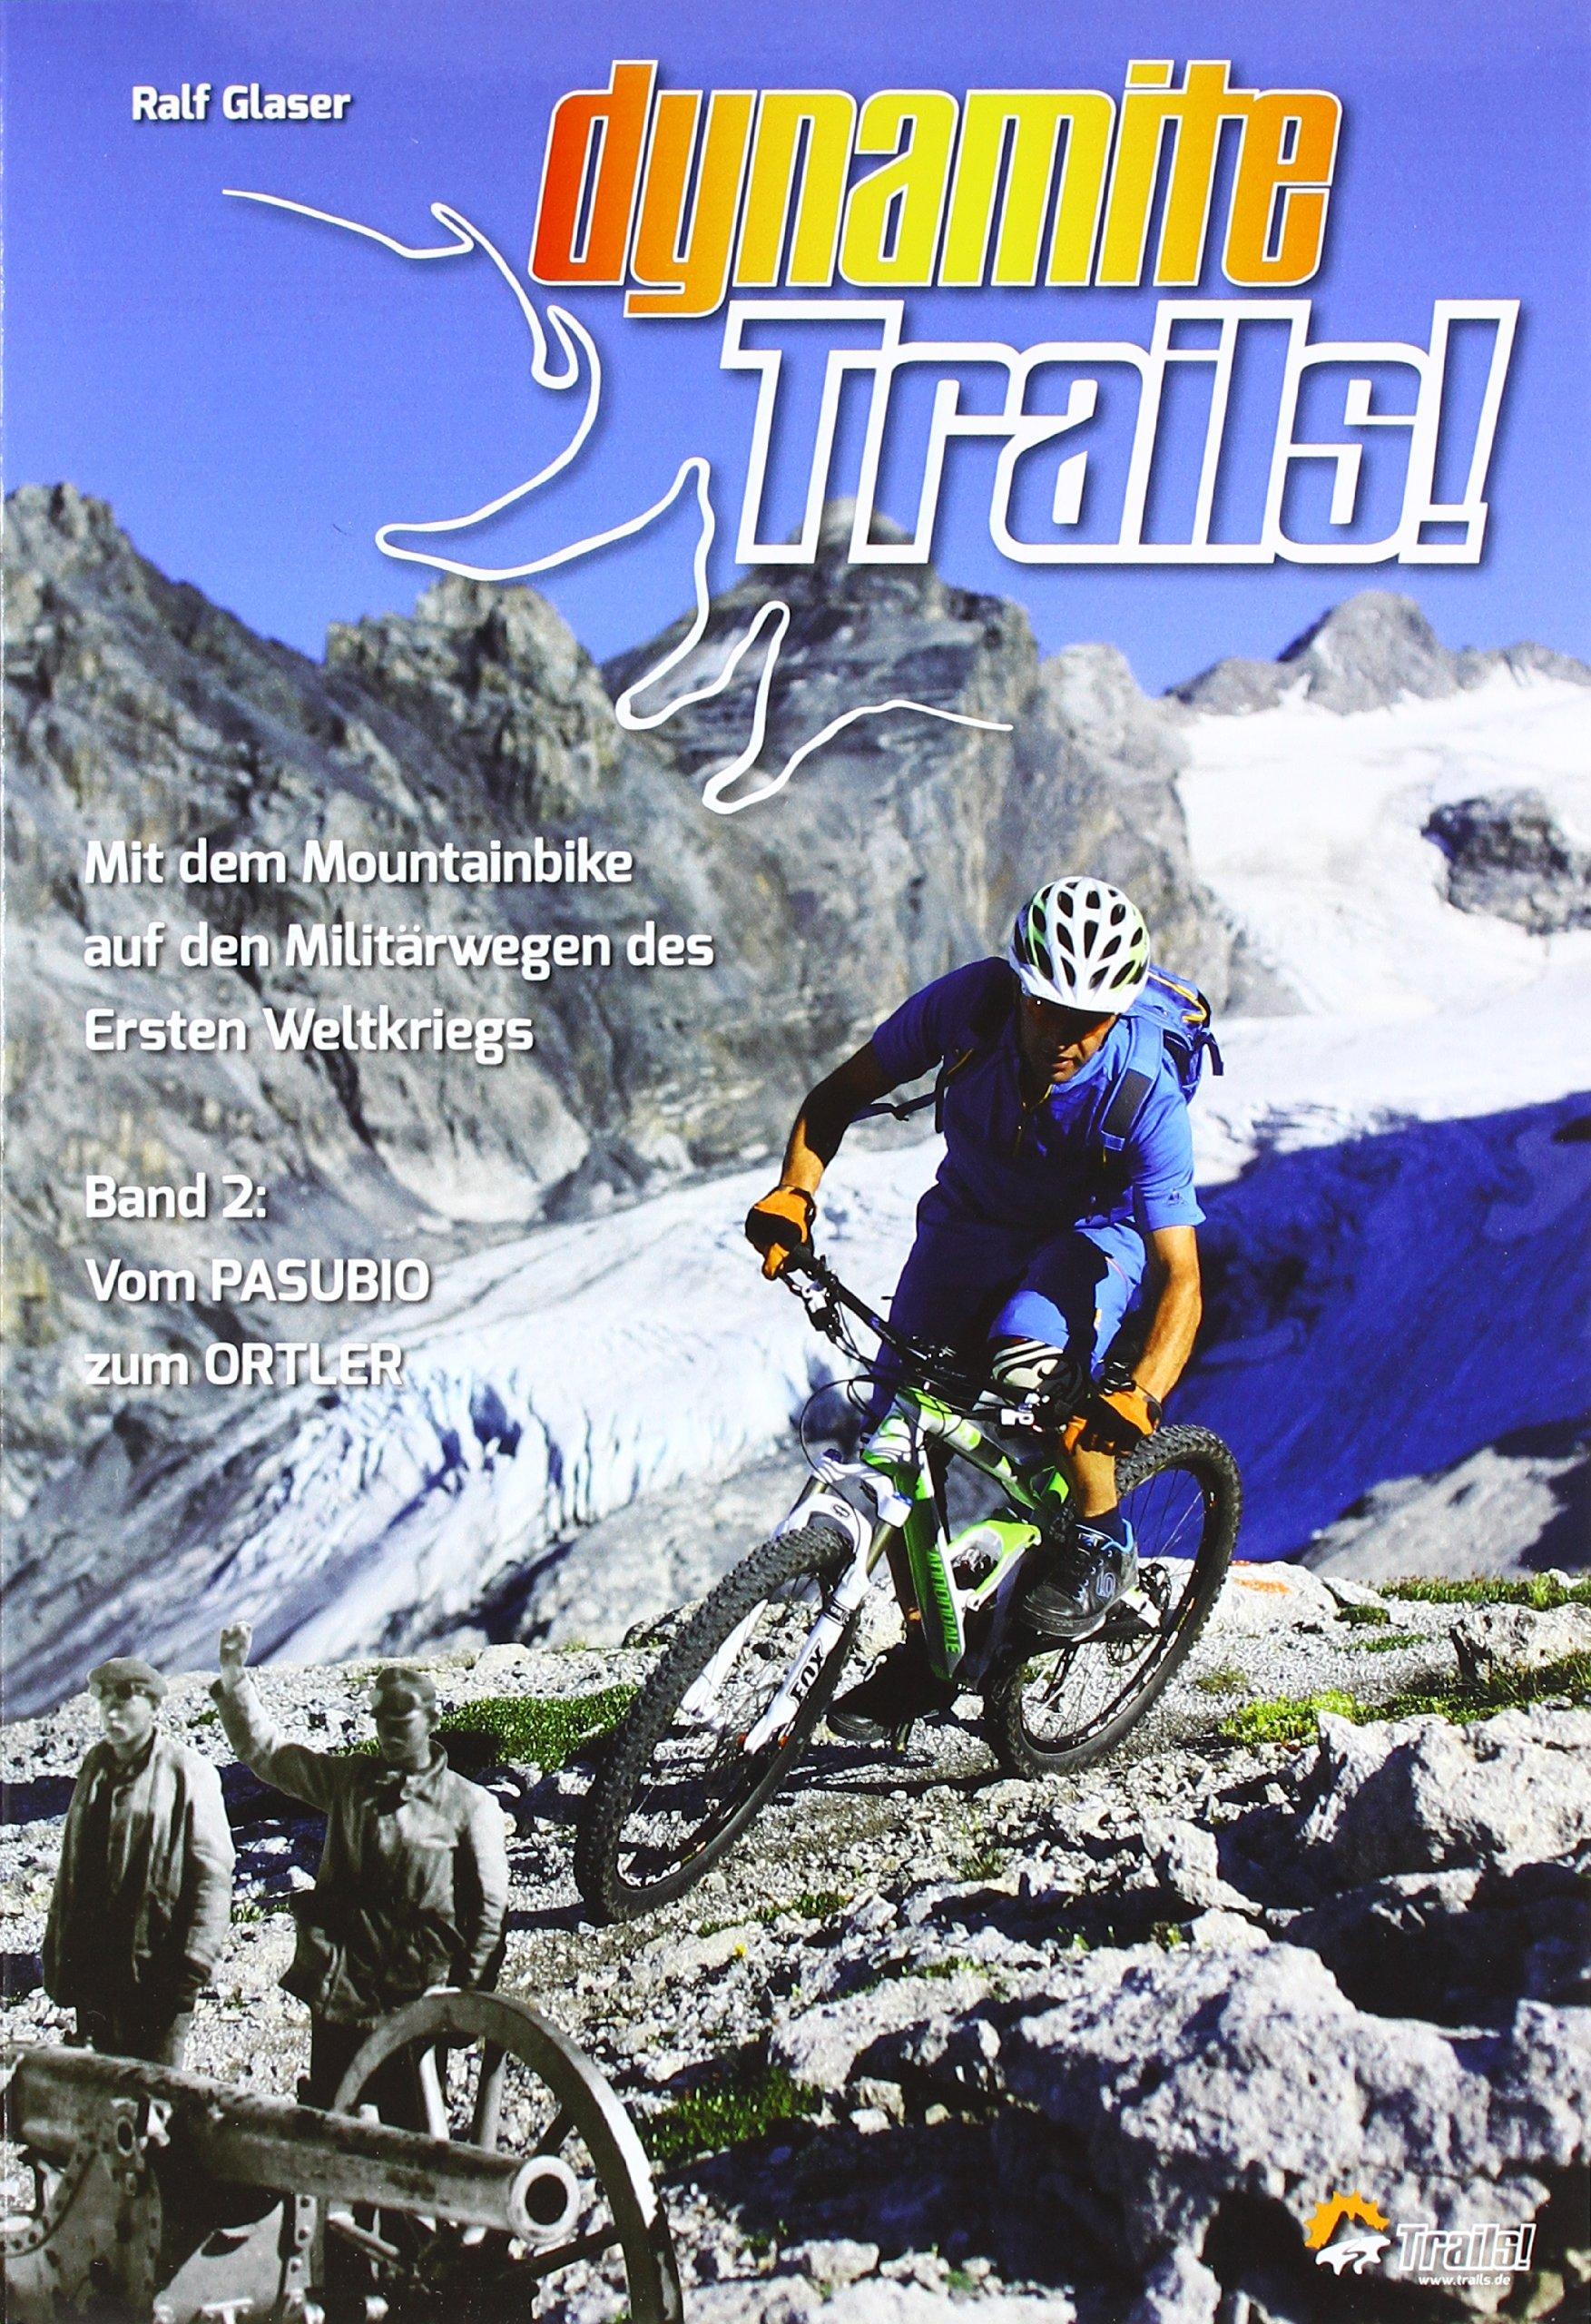 dynamite-trails-02-vom-ortler-zum-pasubio-mit-dem-mountainbike-auf-den-militrwegen-des-ersten-weltkrieges